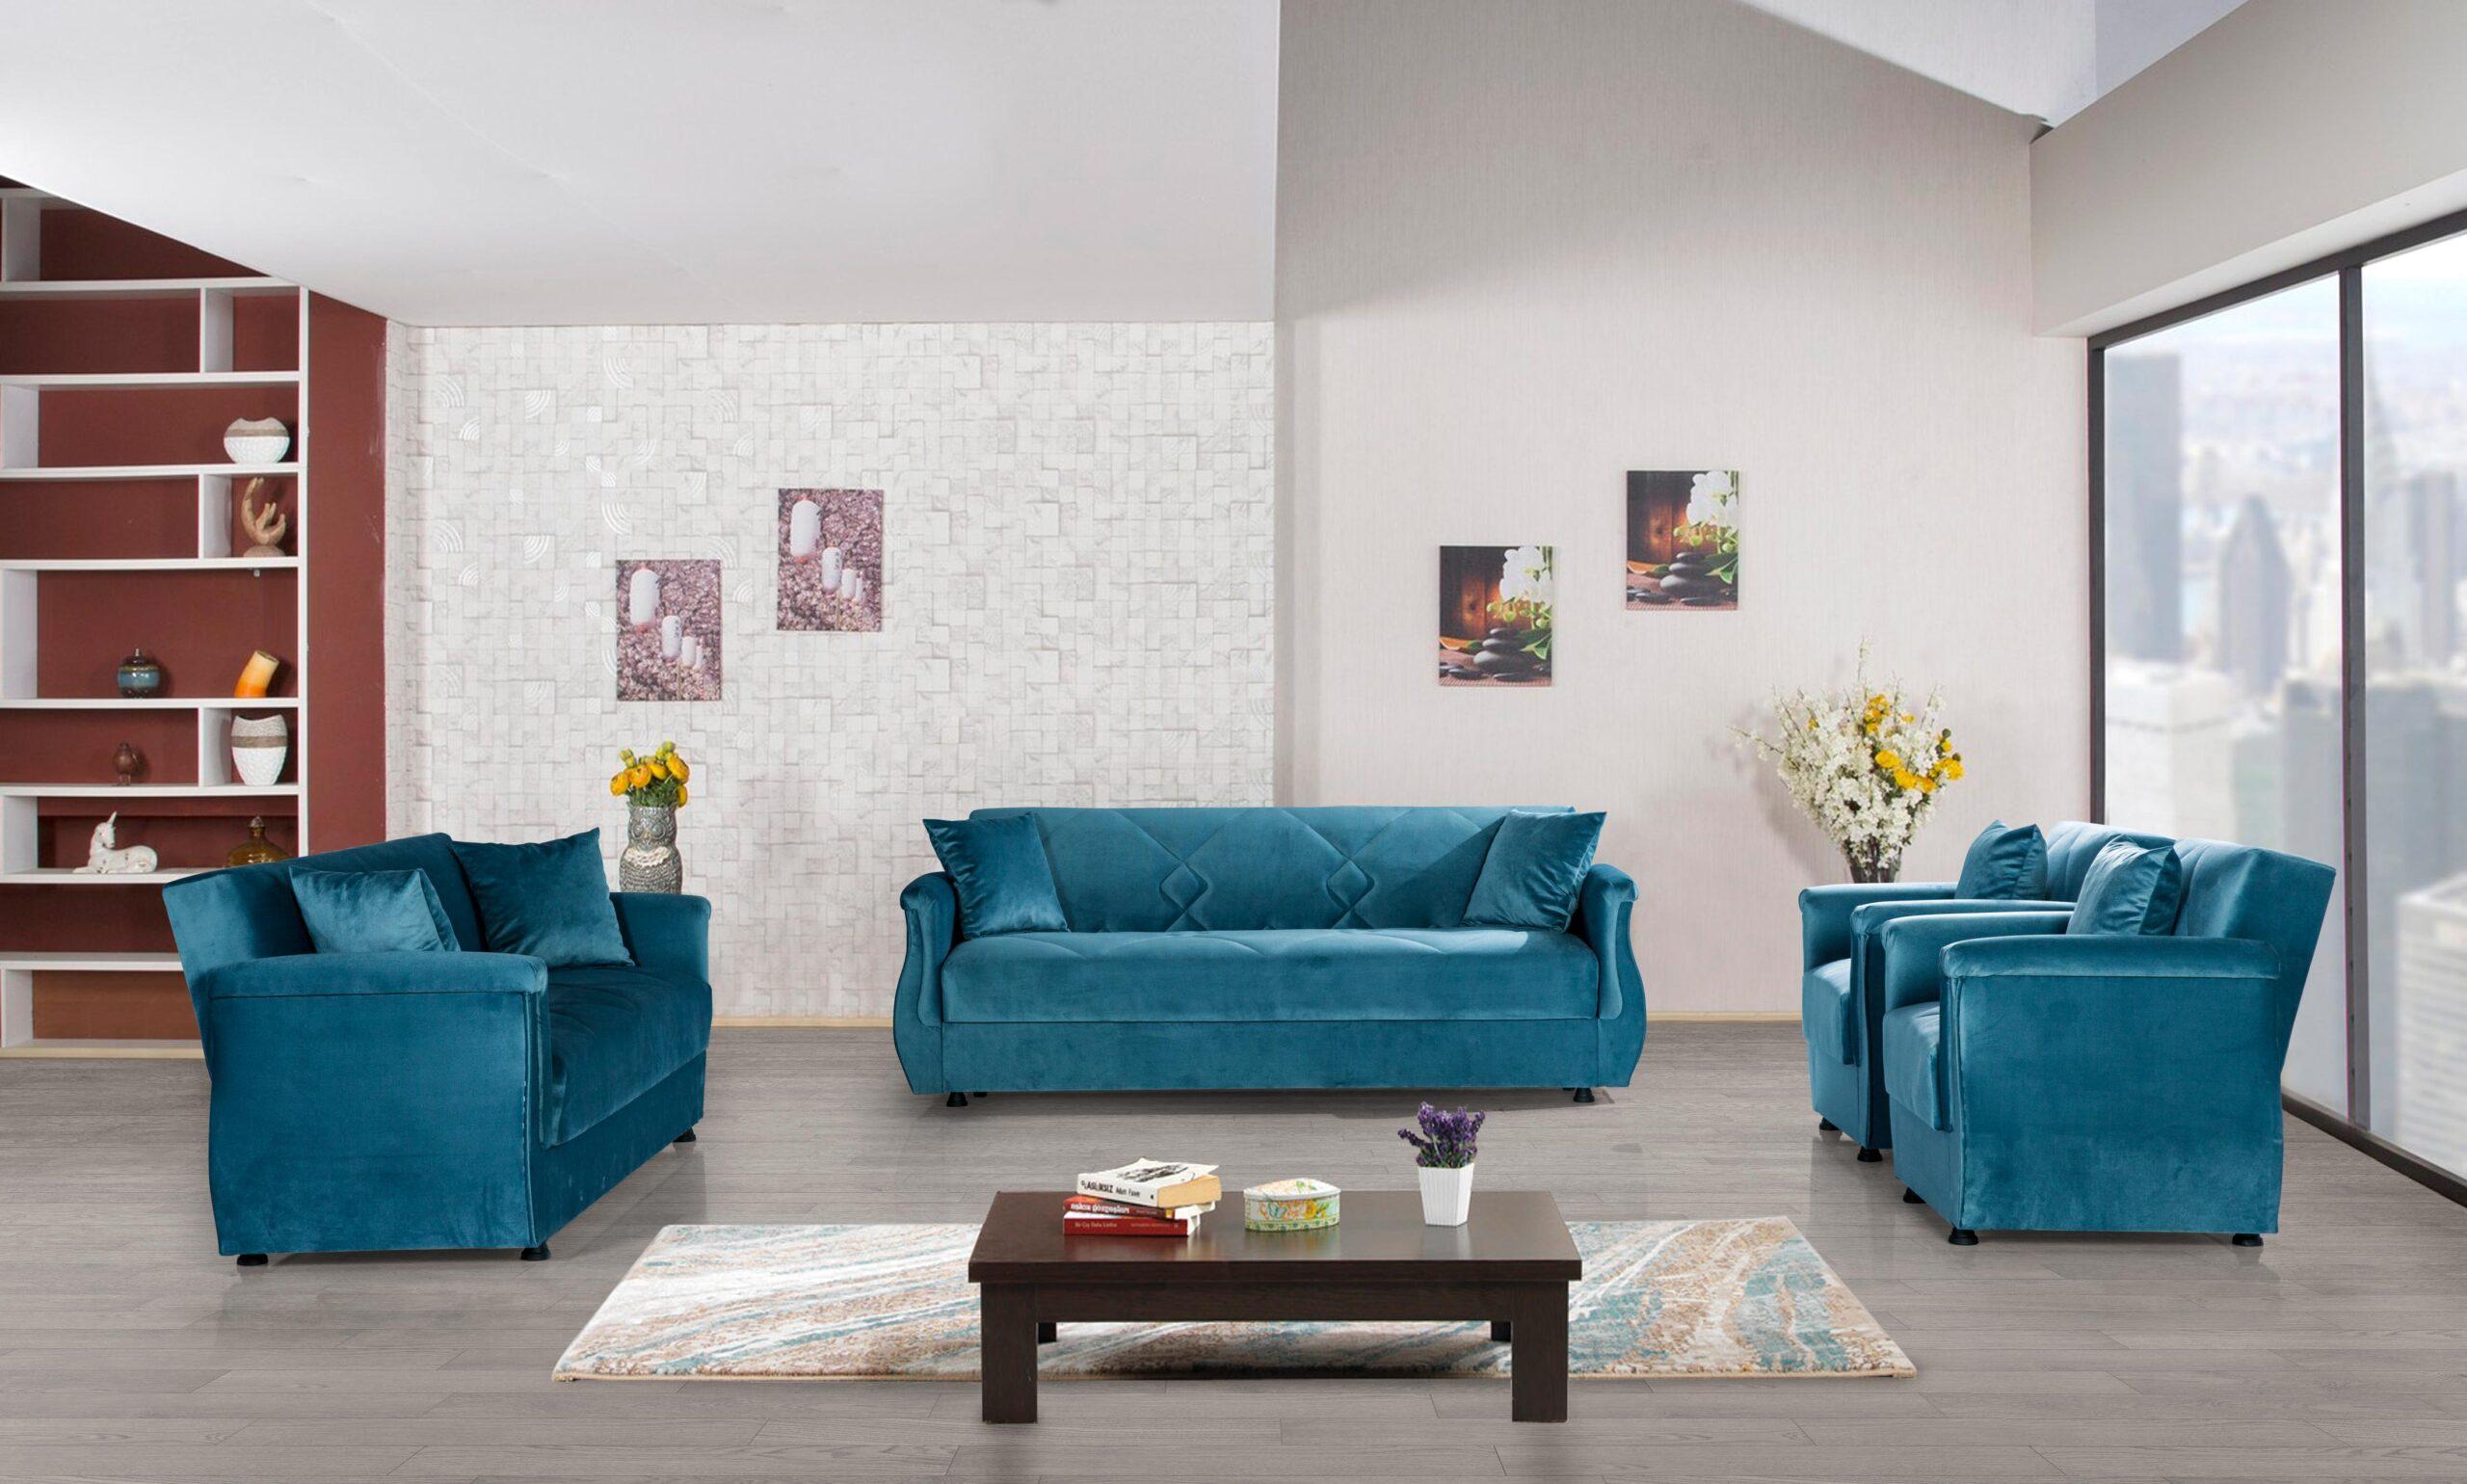 Full Size of Gnstige Couch 3 Teilig Sofa Leinen Hay Mags Sitzer Grau Polyrattan Mit Verstellbarer Sitztiefe Big Poco Federkern Englisch Bullfrog Kaufen Für Esstisch Sofa Günstige Sofa